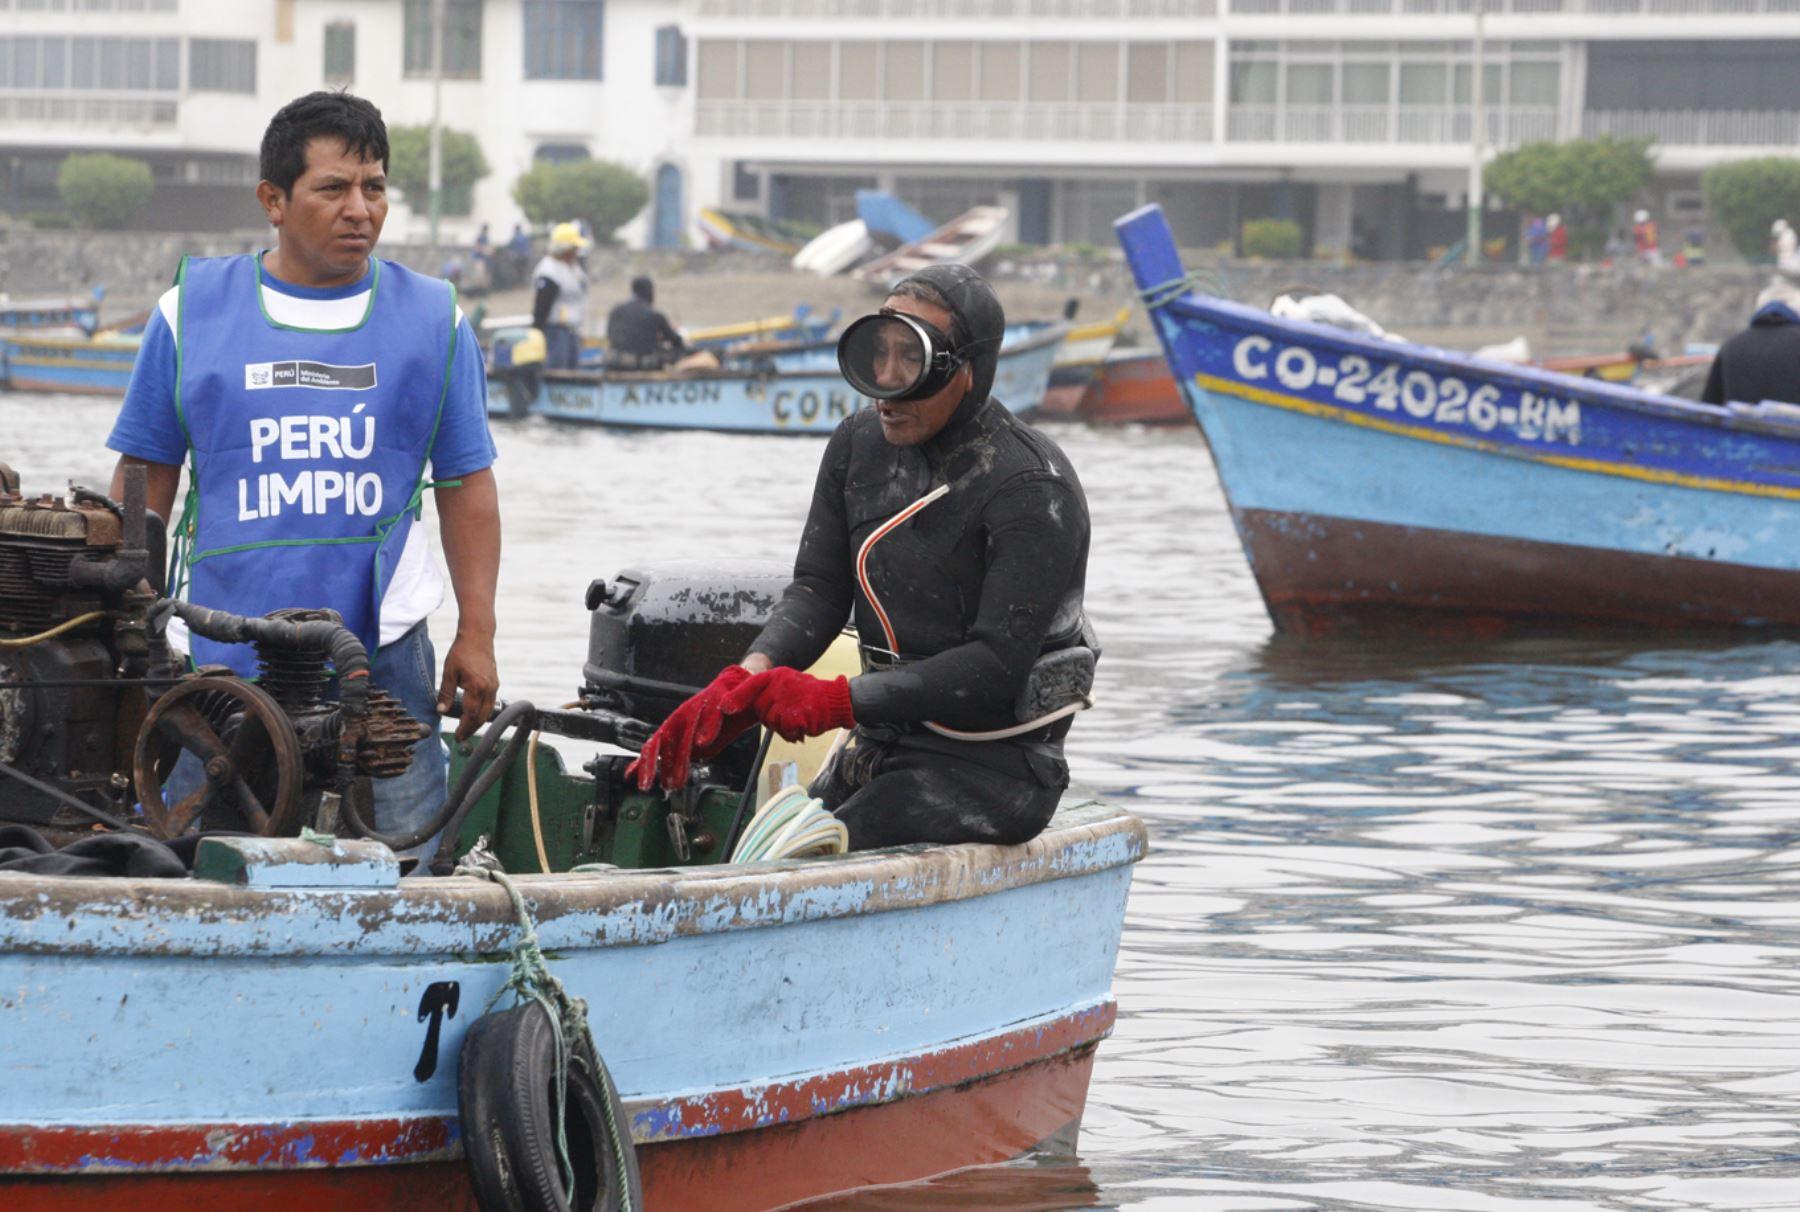 Buzos artesanales obtienen certificación para formalización de la pesca en Huaura. ANDINA/Eddy Ramos